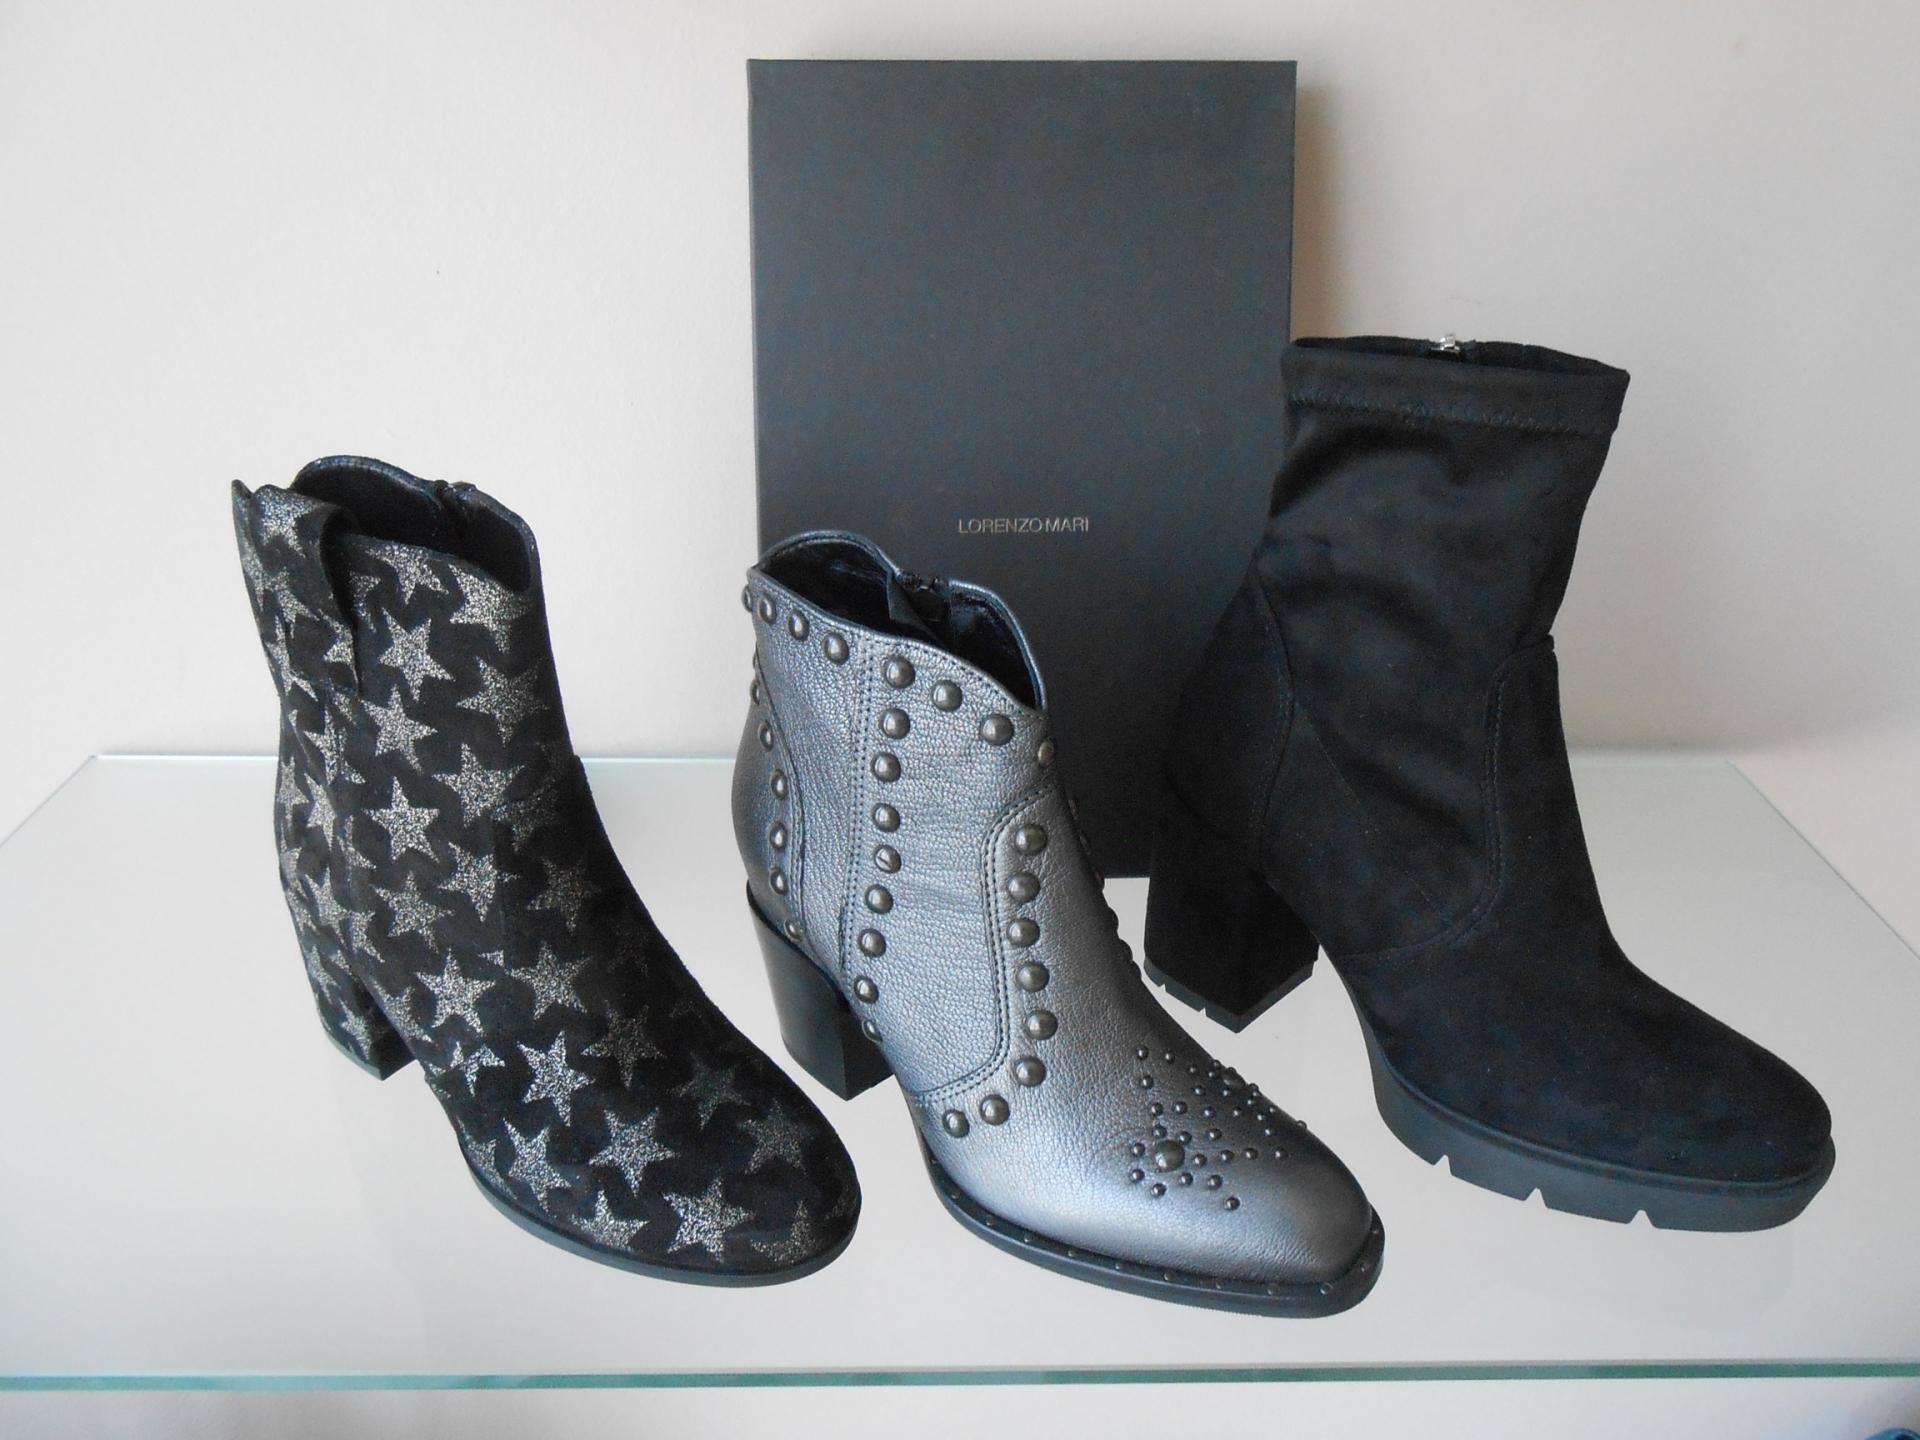 STOCK calzature donna firmate LORENZO MARI  2a9af348c22